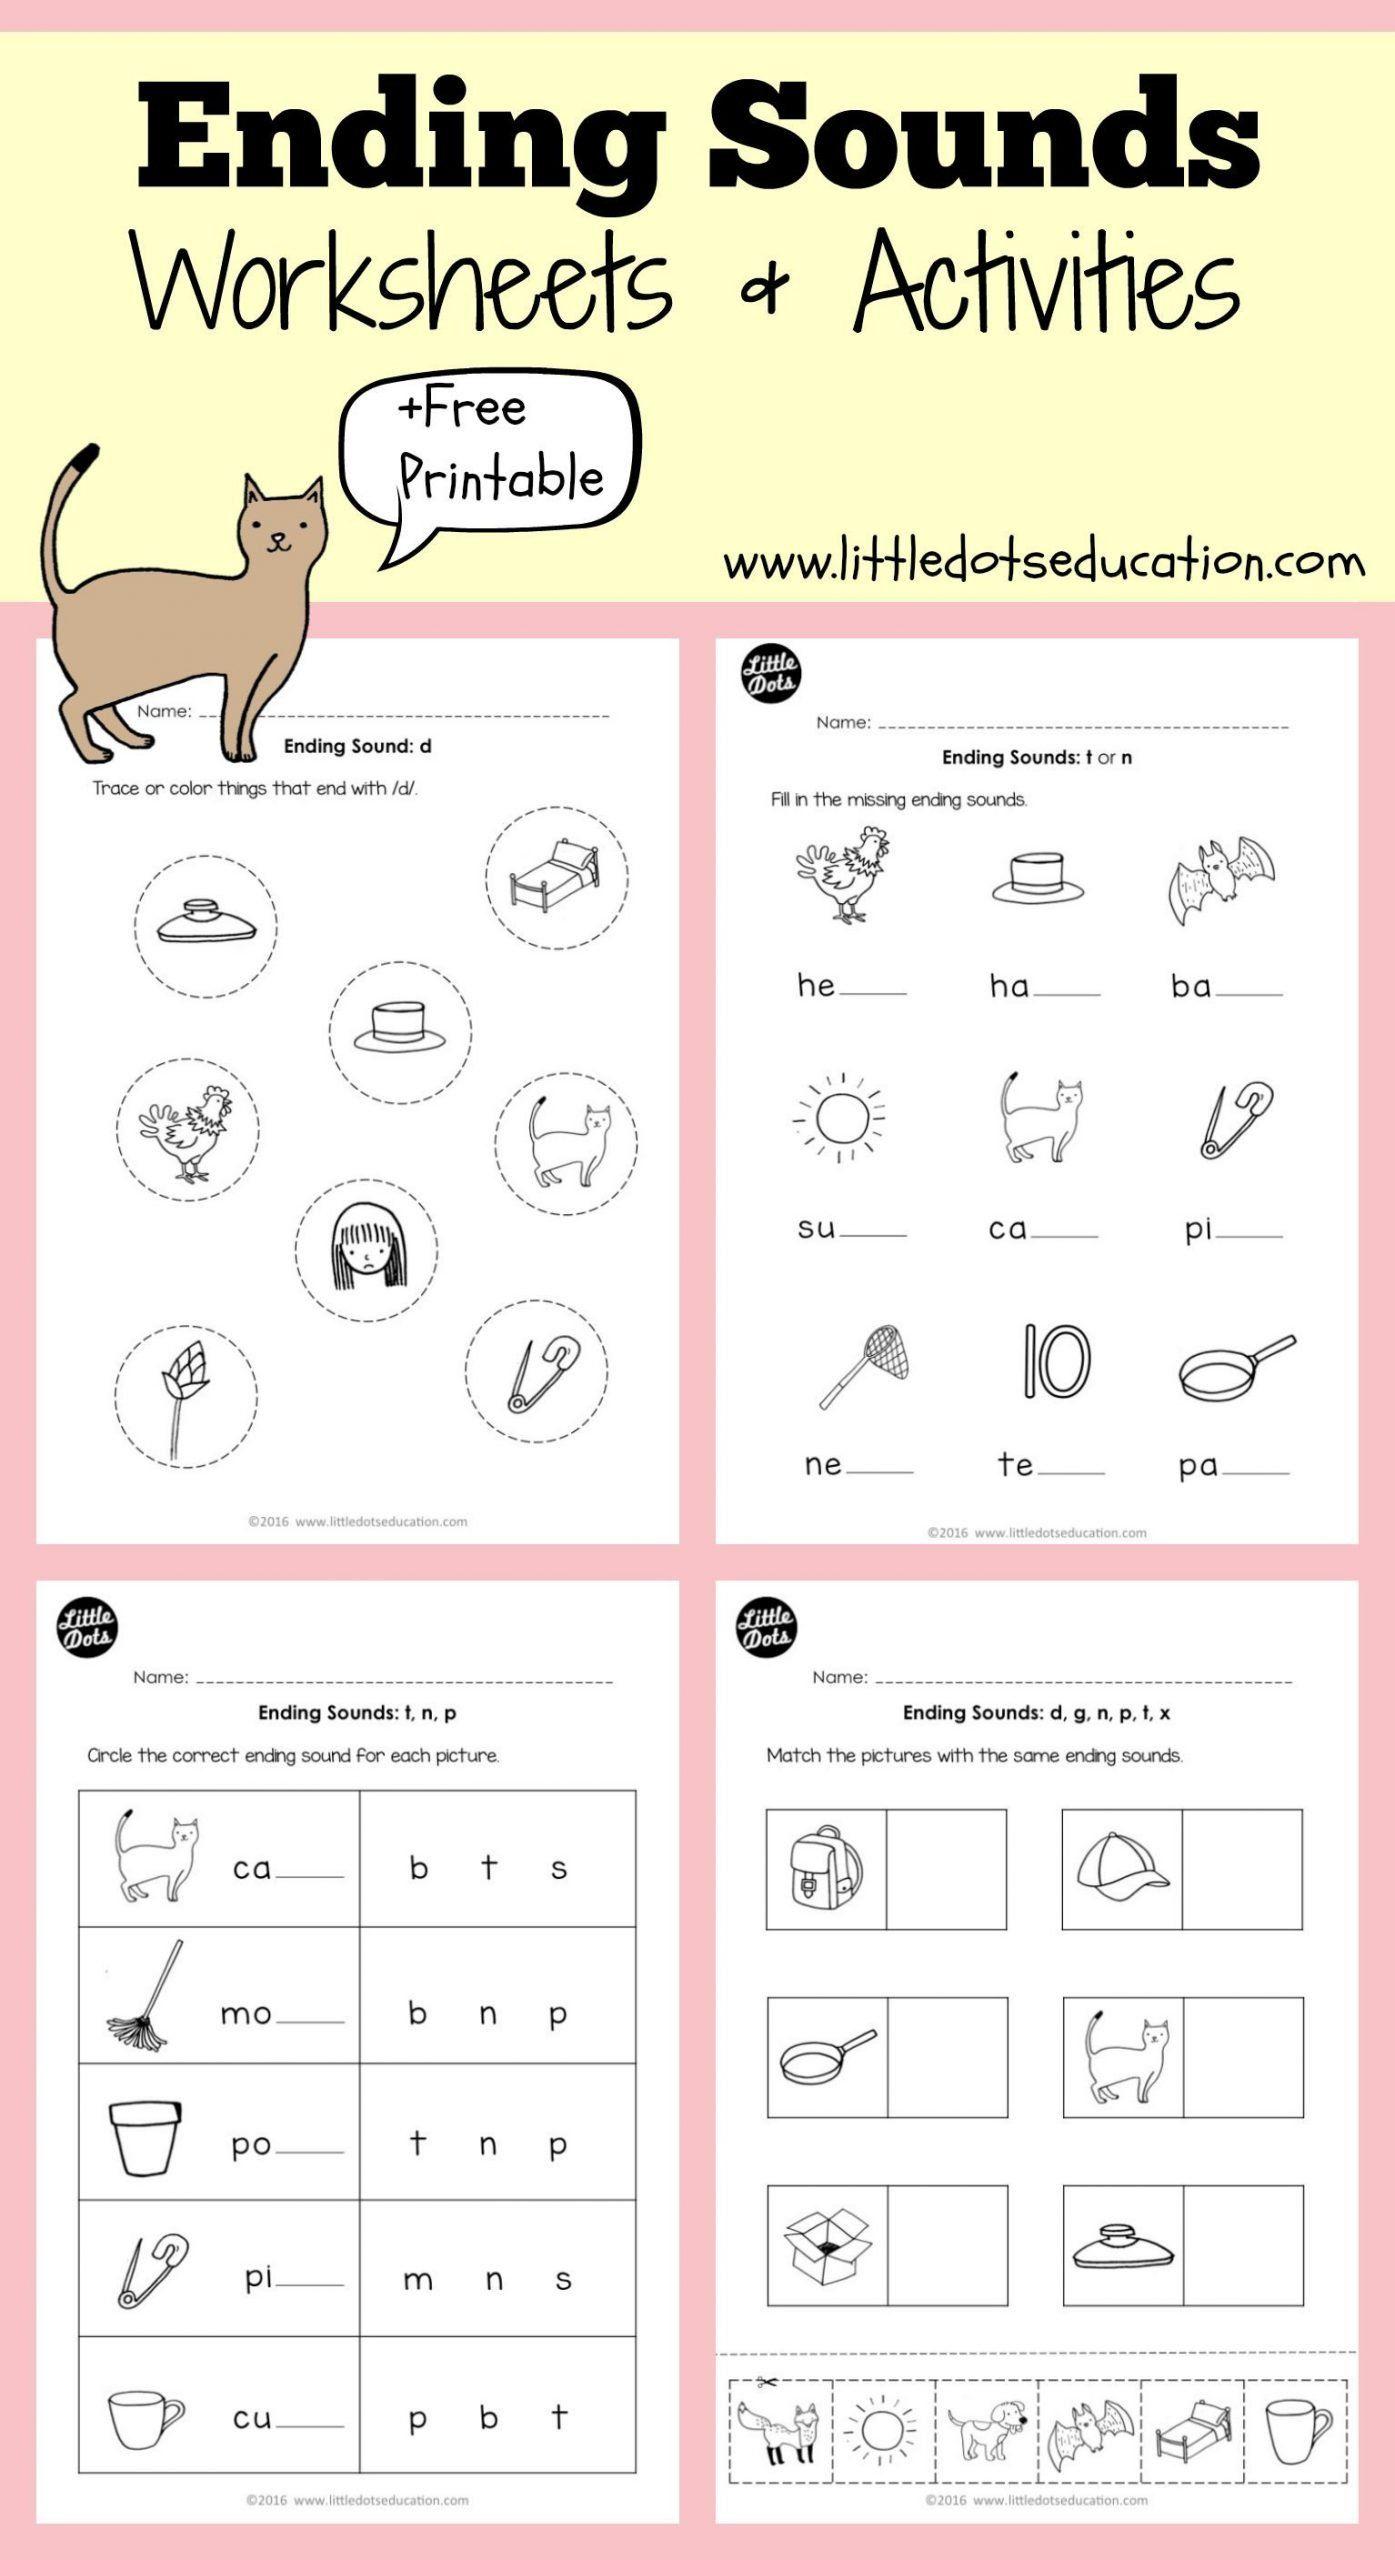 Ending Sounds Worksheets For Kindergarten Ending Sounds